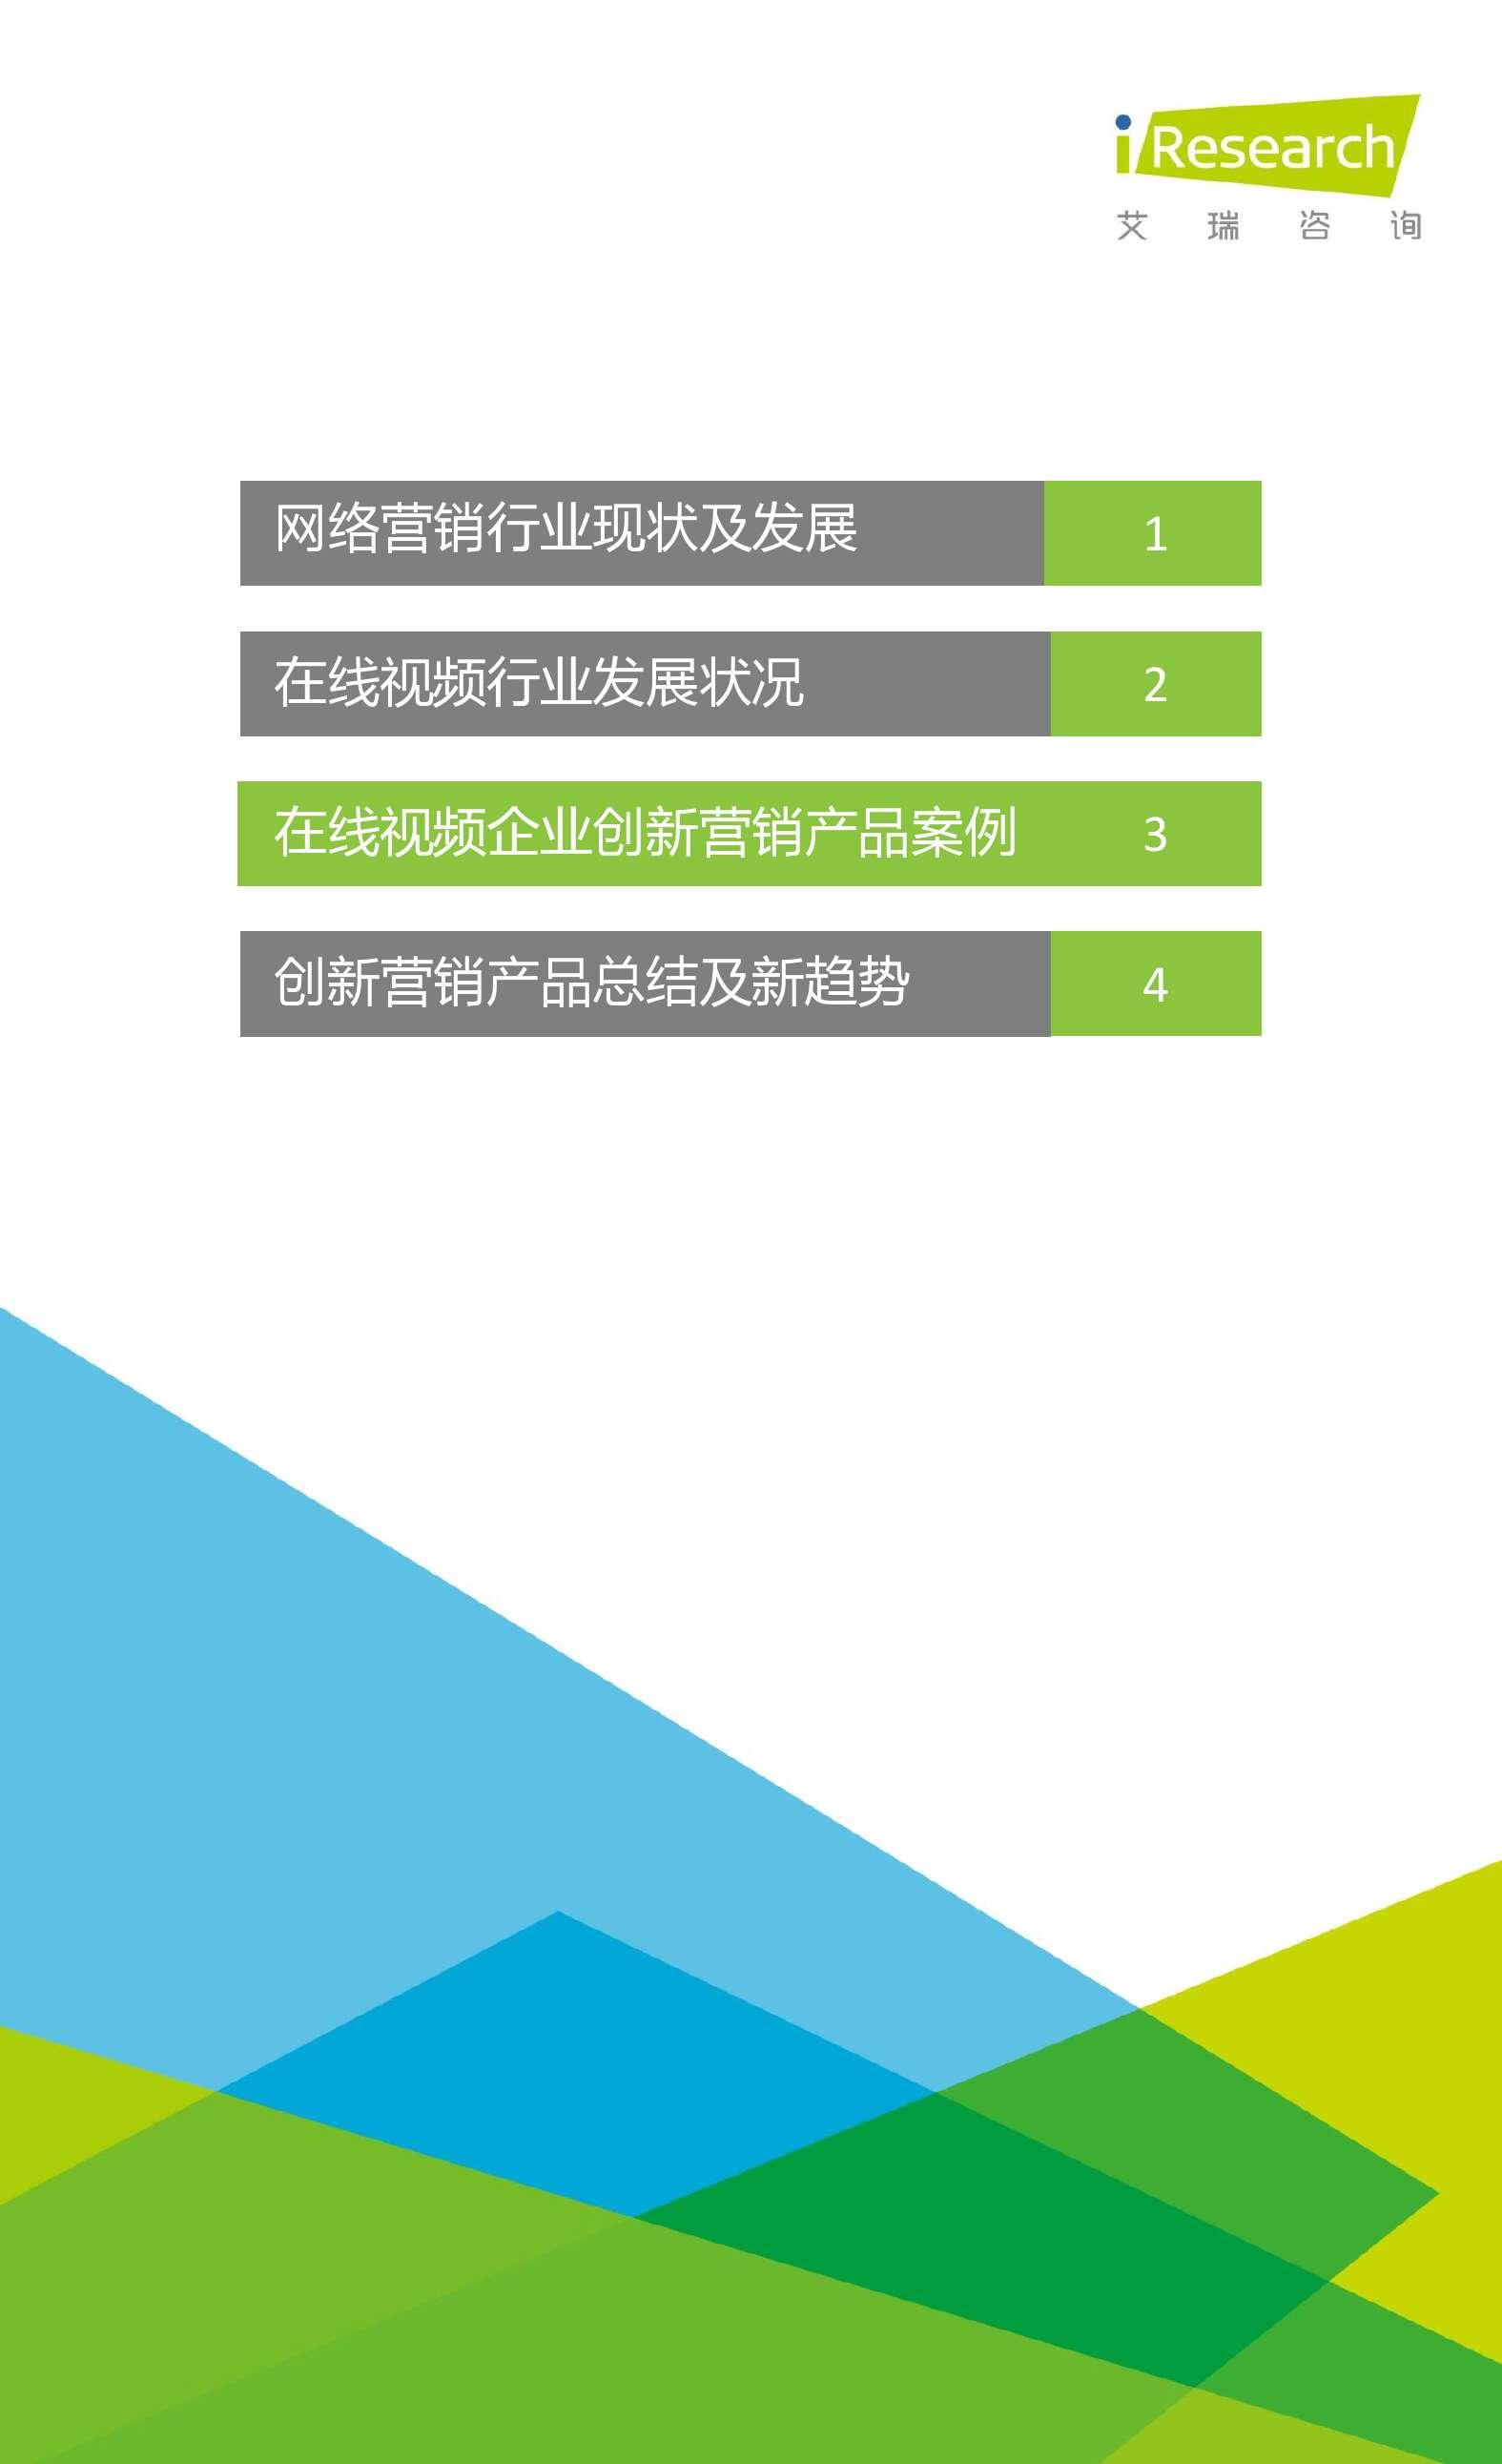 2016年中国在线视频企业创新营销研究_000016